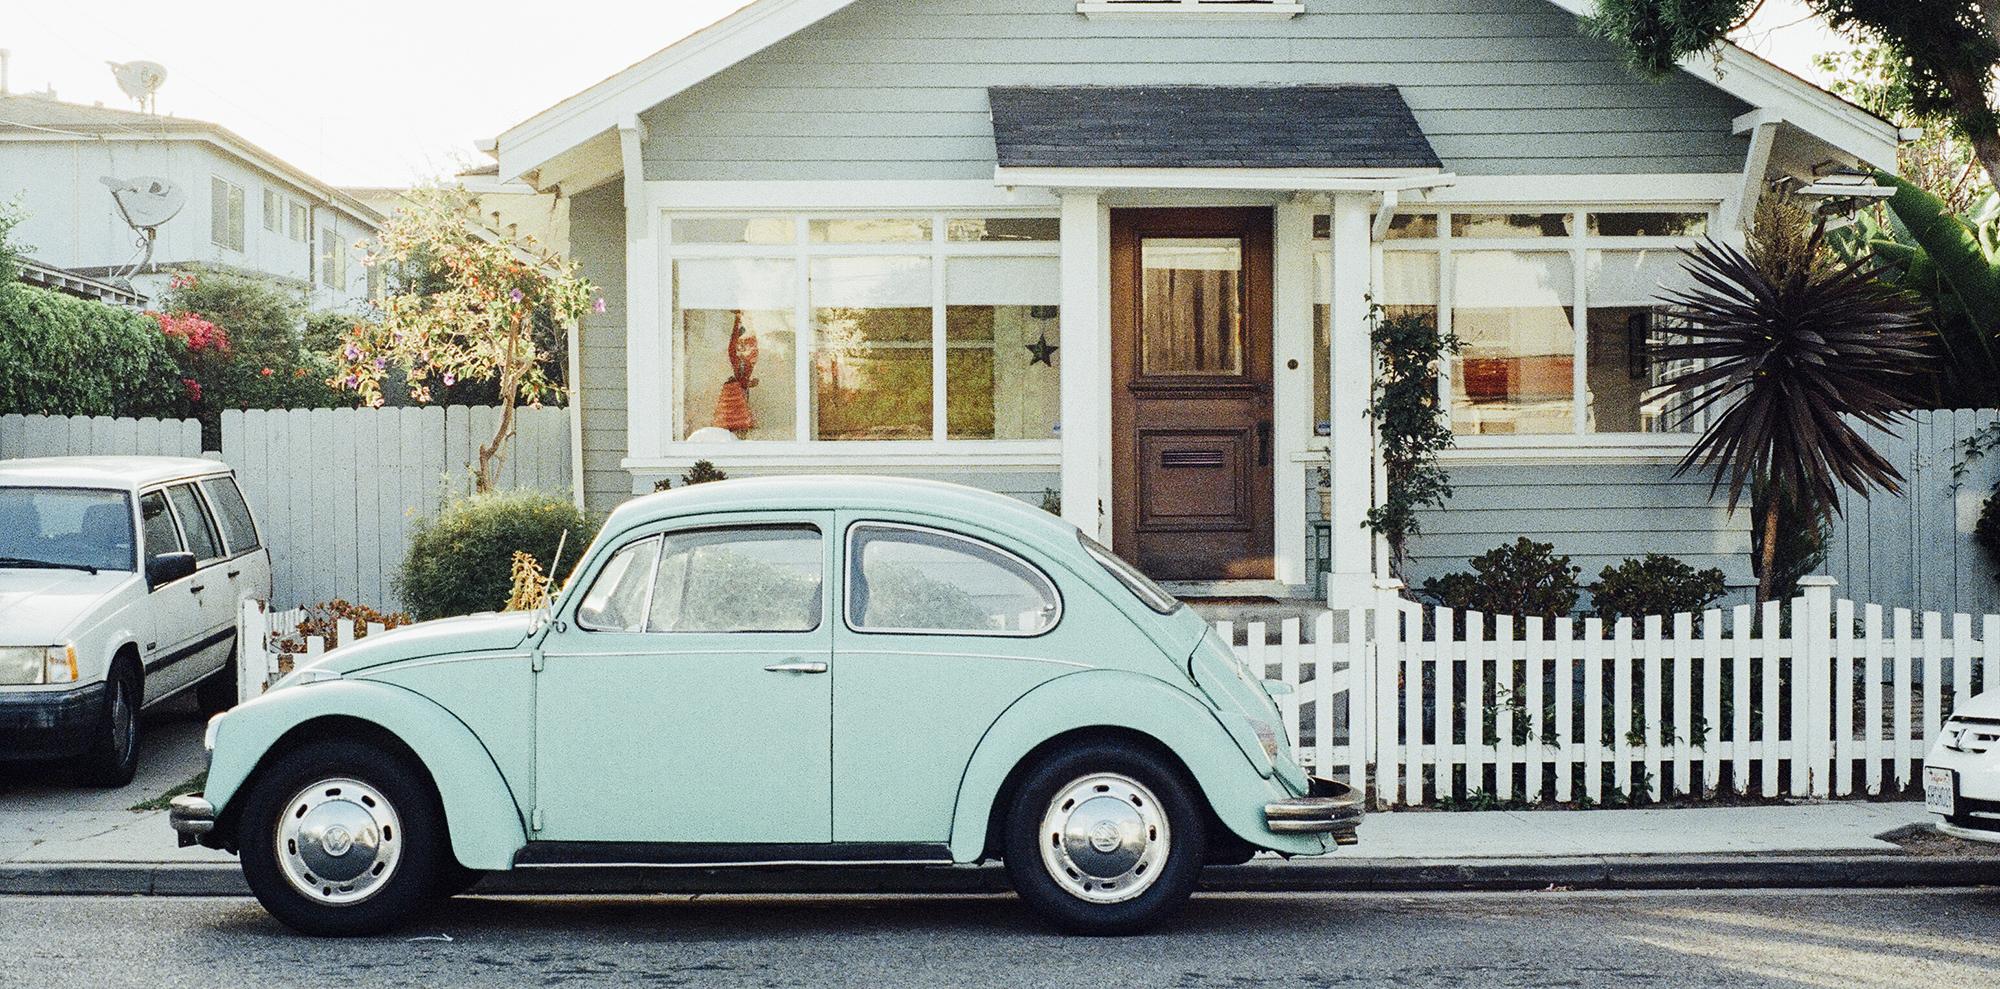 Santa Barbara Auto Insurance